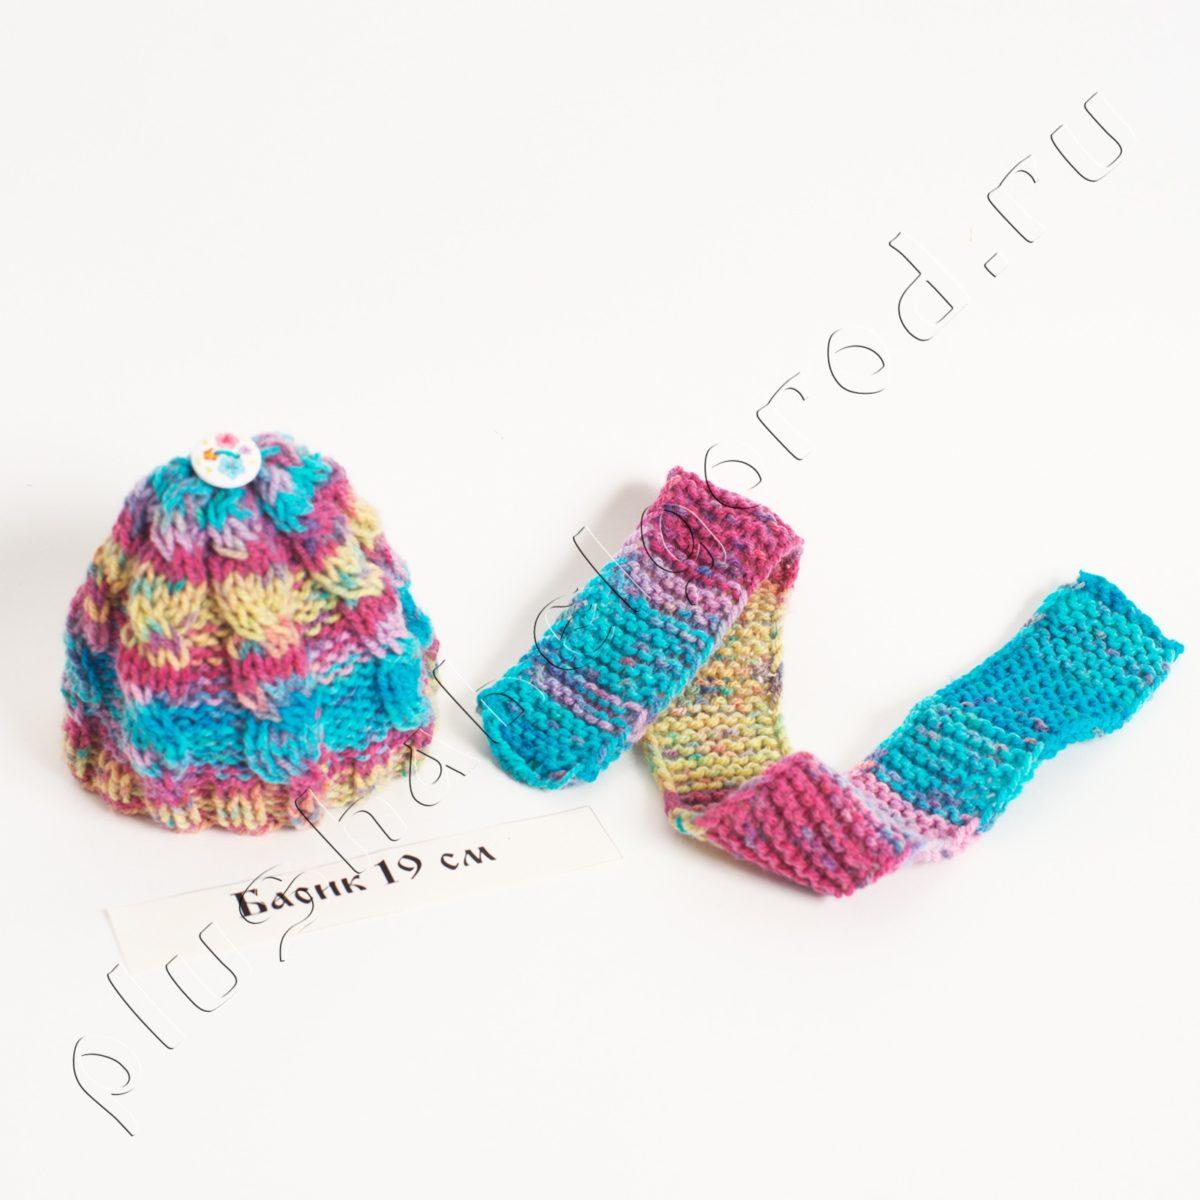 Шапочка разноцветная и шарф для Басика 19 см